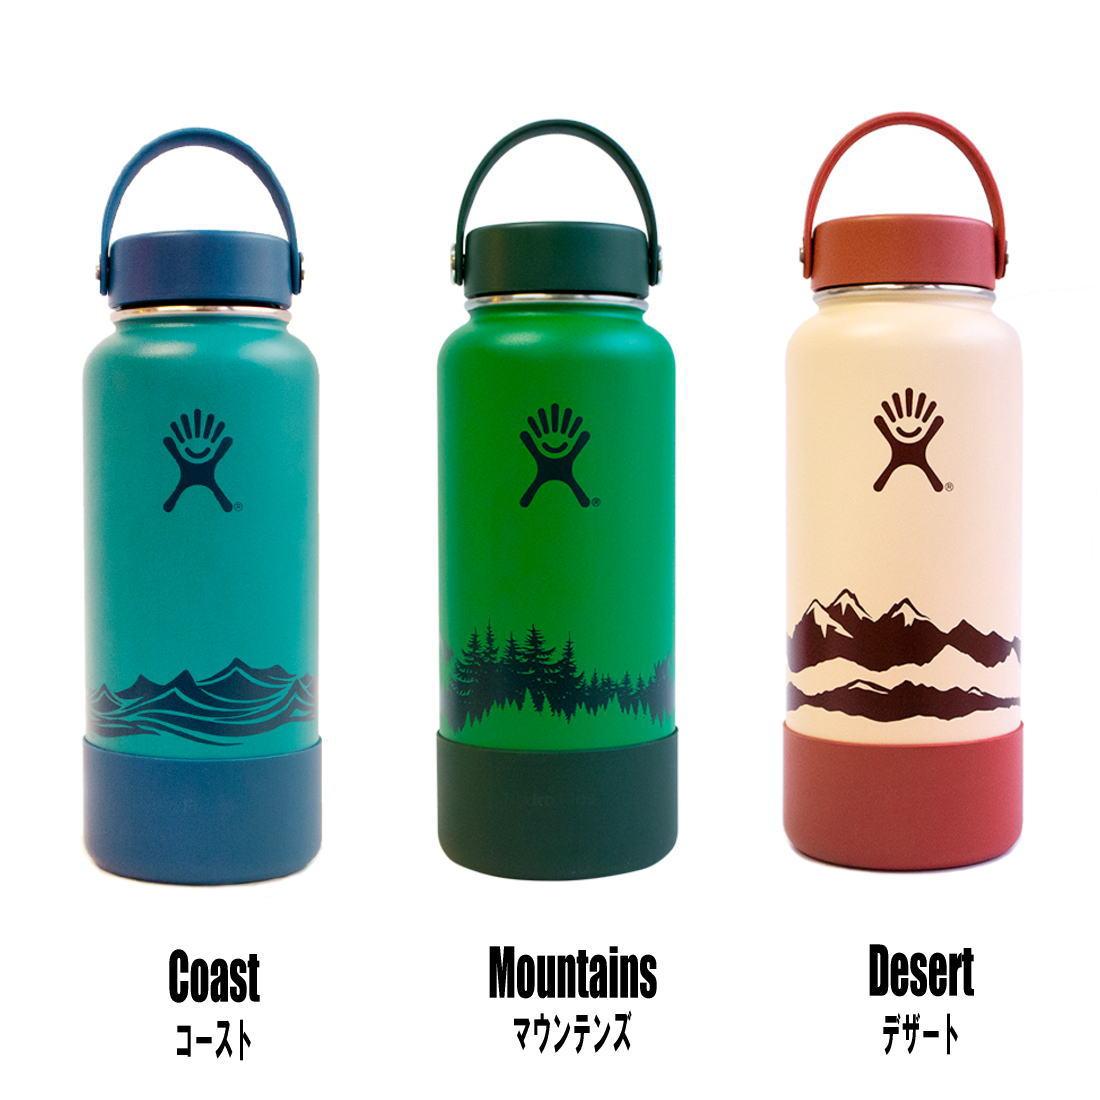 ハイドロフラスク ワイドマウス32oz エスケープ 保温 保冷 ボトル 水筒  国内正規品